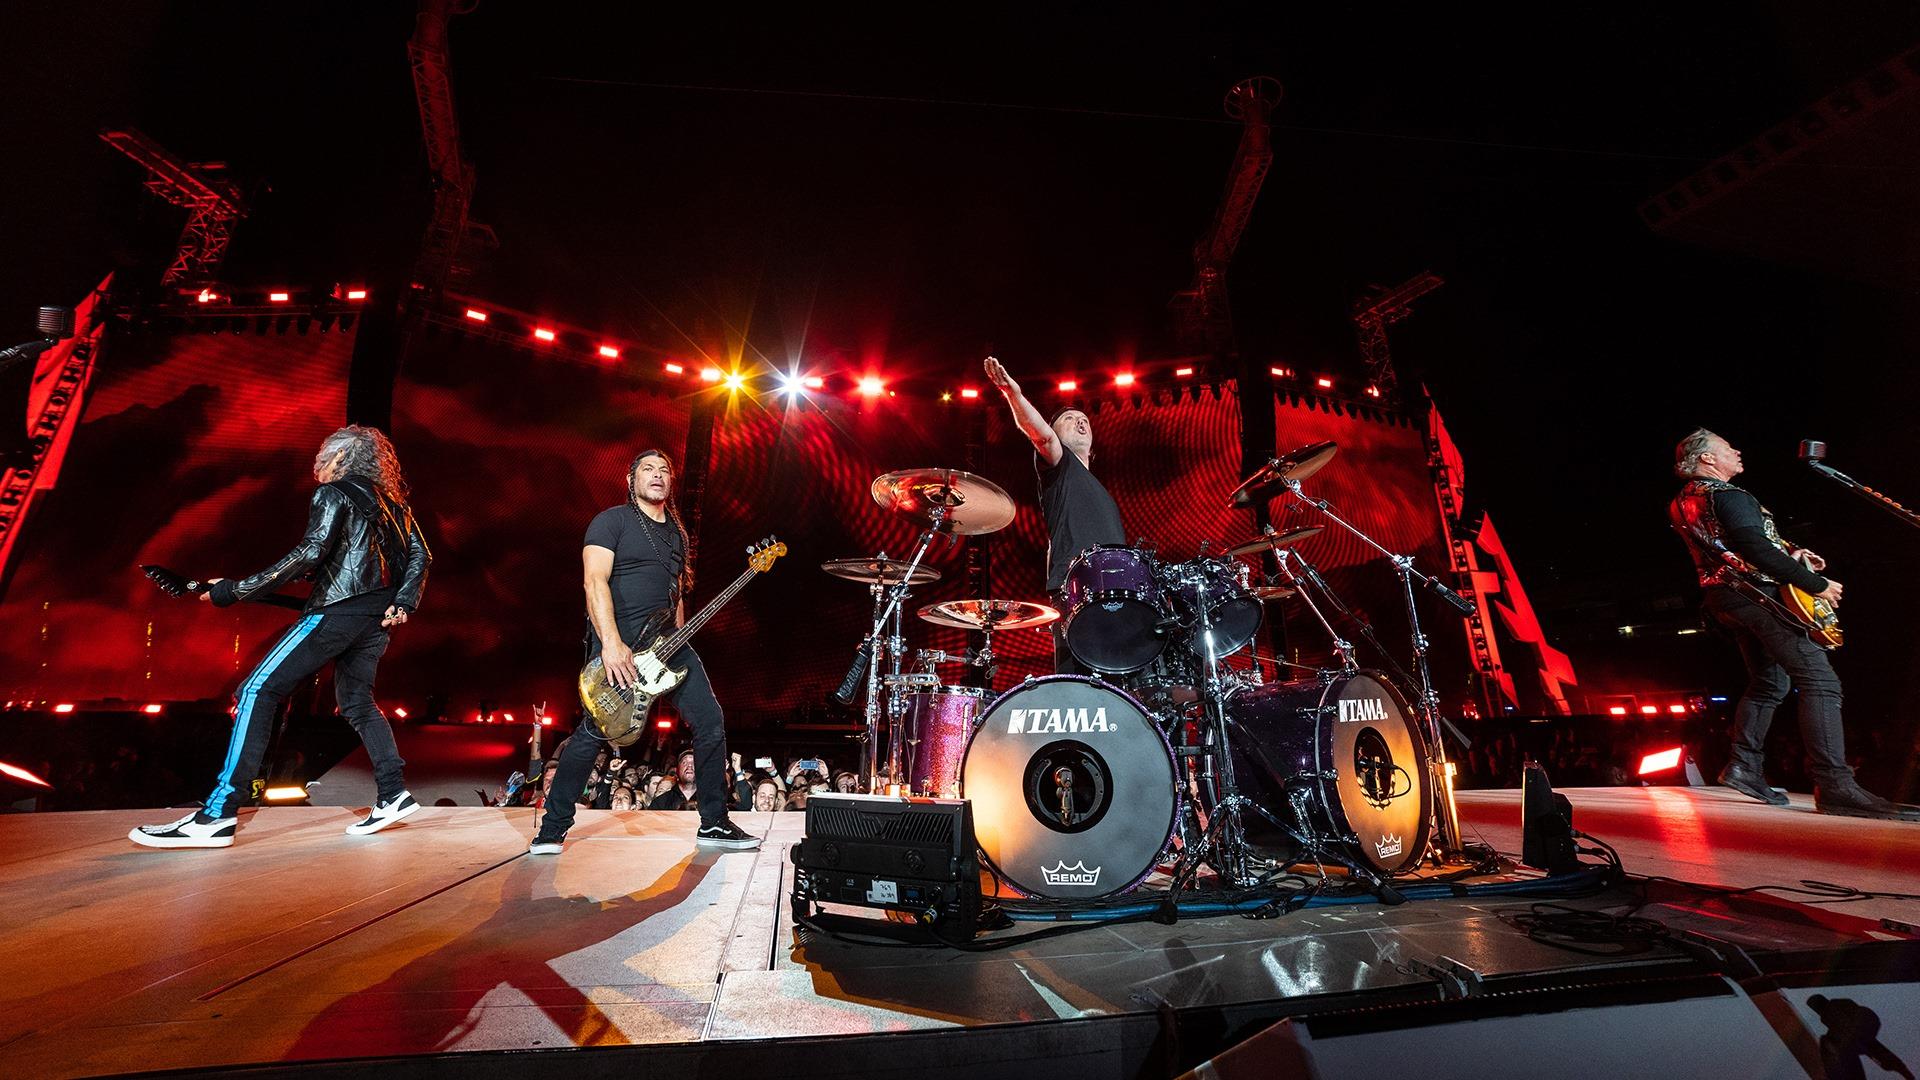 Unos Metallica En Plena Forma Encienden Un Estadi Olímpic